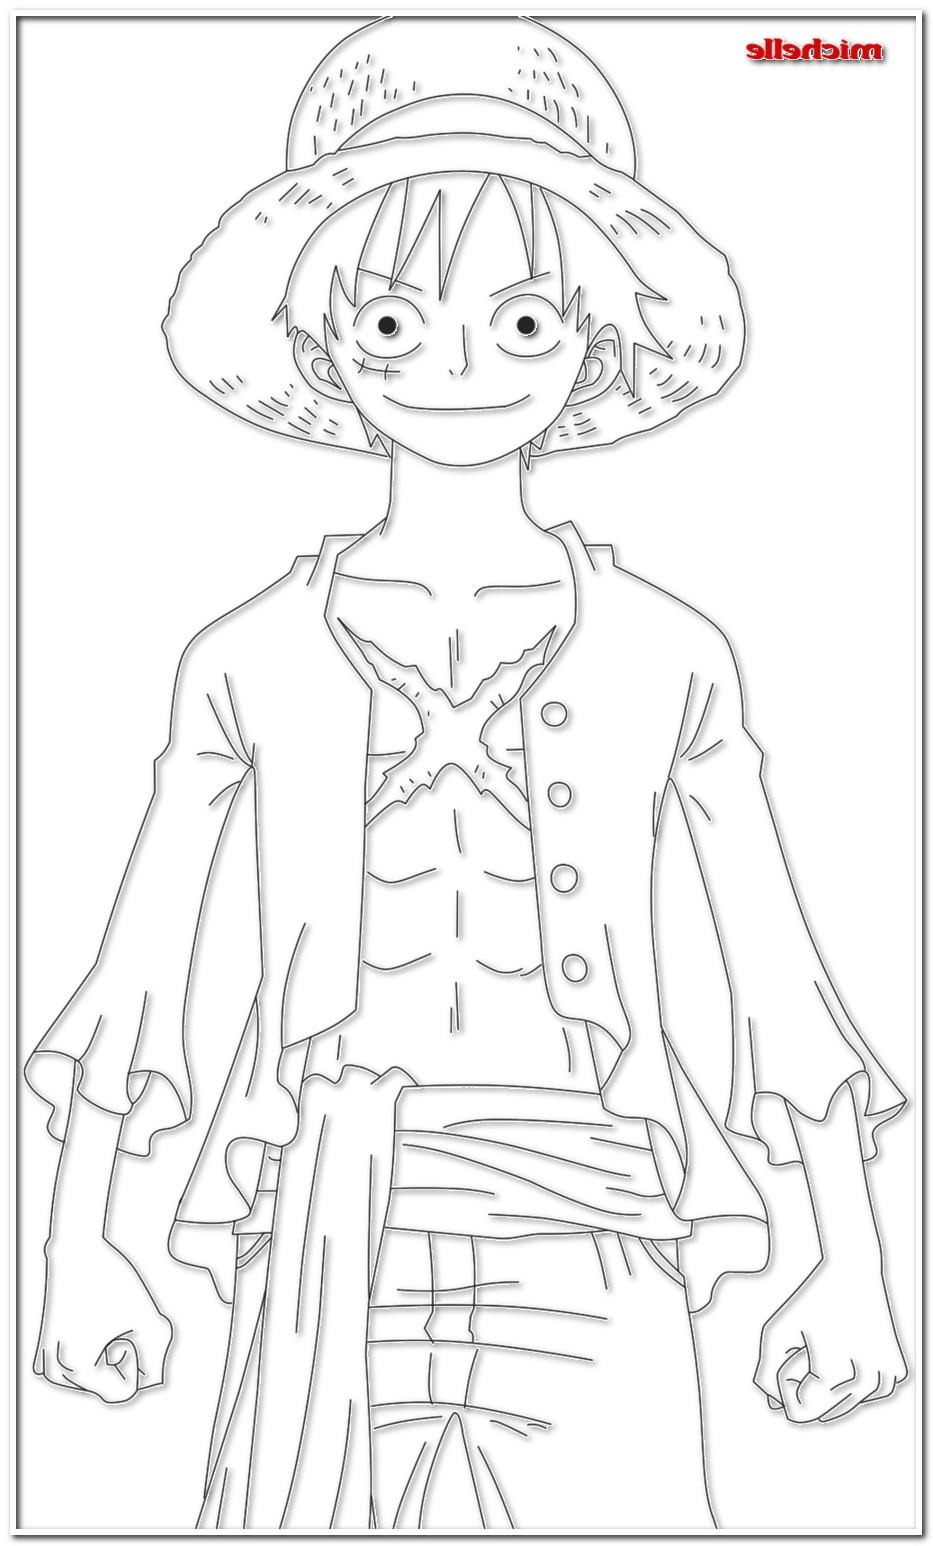 Hinh-to-mau-anime-dep-nhat (19)